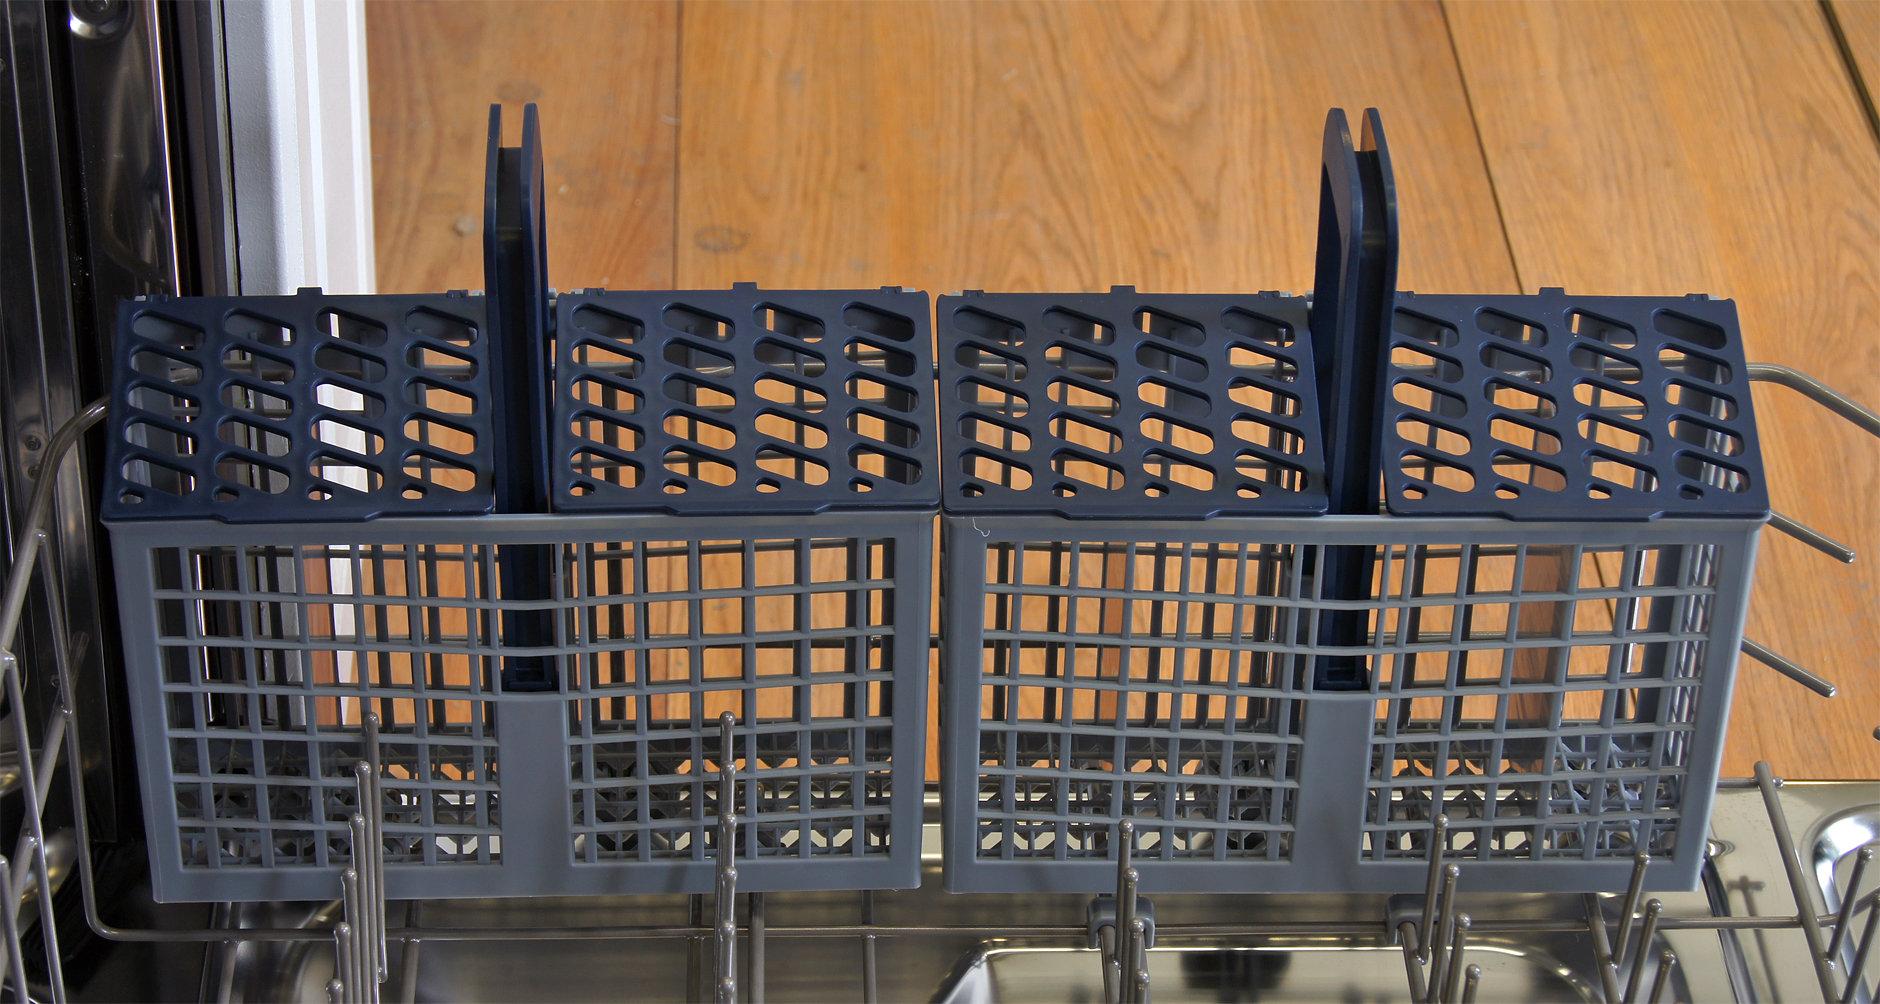 Samsung DW80F800UWS cutlery basket